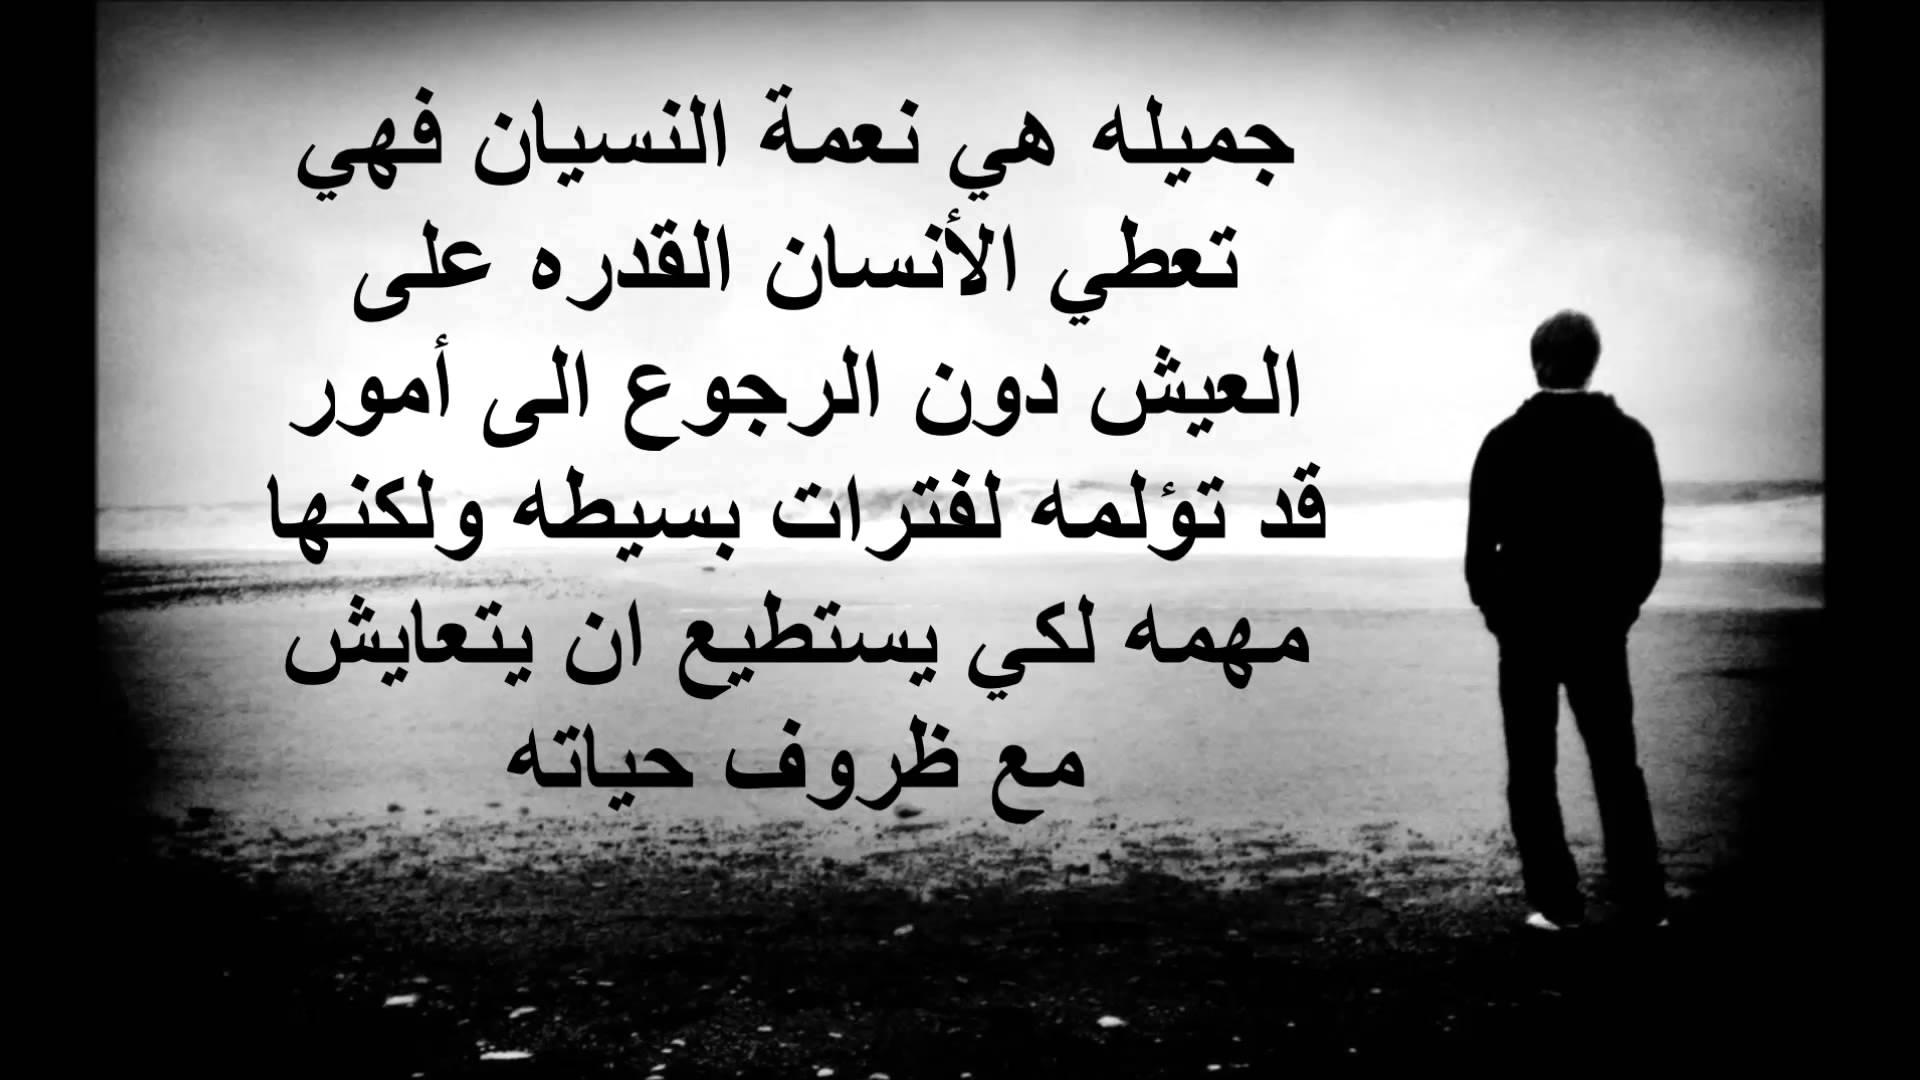 بالصور كلمات حزينه قصيره , كلمات تجعل العين تبكي من الحزن 3914 5